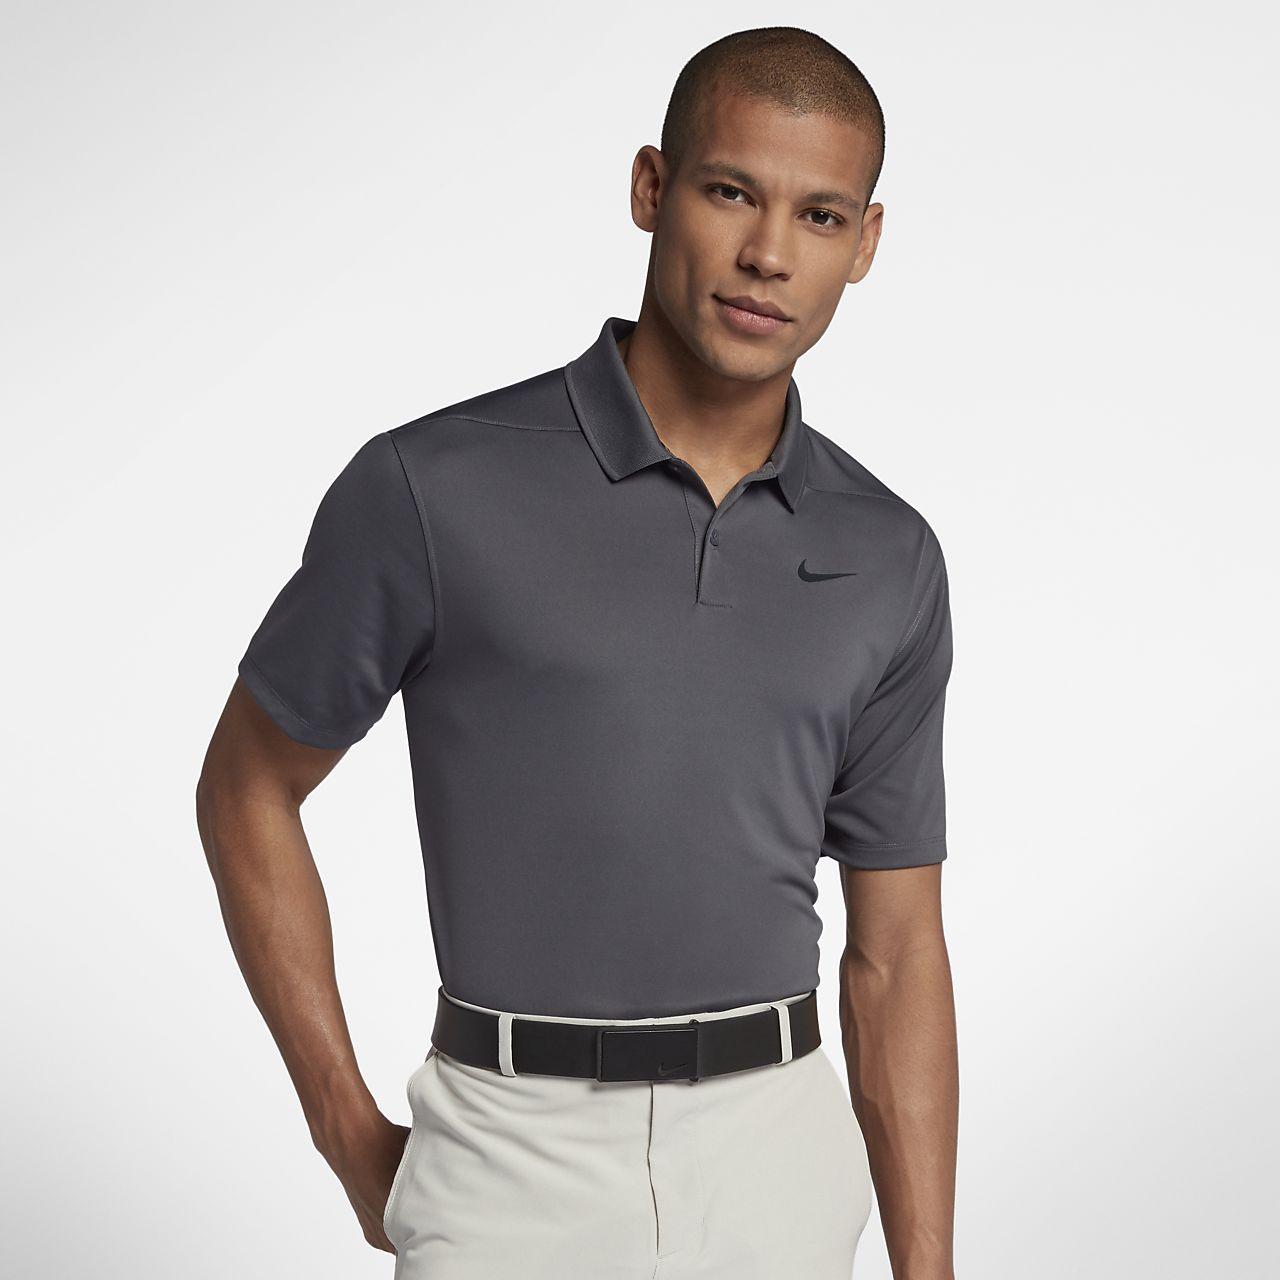 Polo de golf coupe standard Nike Dri-FIT pour Homme - Gris GycED3RVl